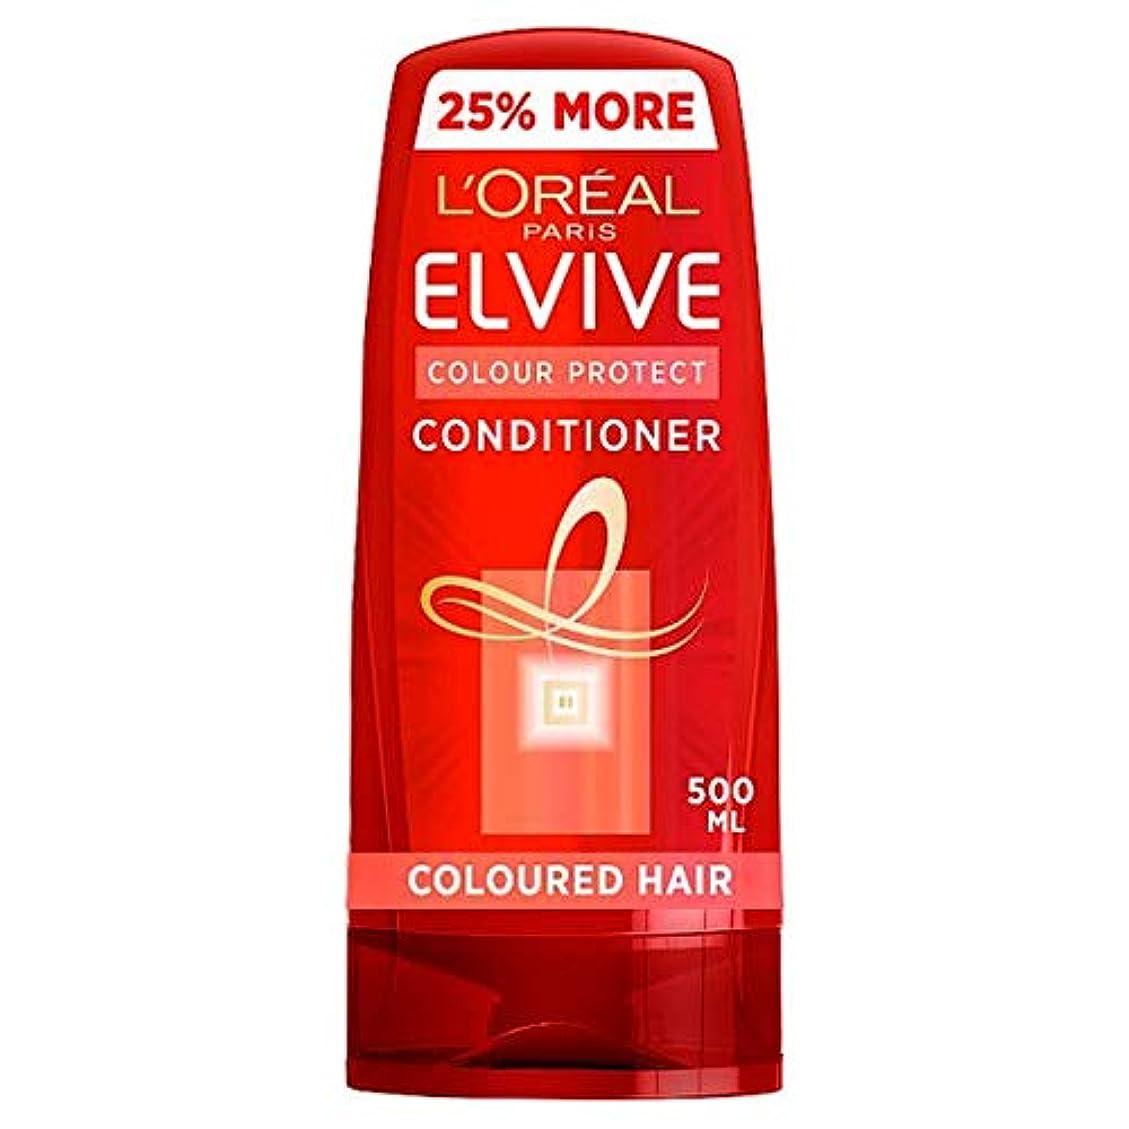 過半数対話リーズ[Elvive] ロレアルのElviveの色は、着色ヘアコンディショナー500ミリリットルを保護します - L'oreal Elvive Colour Protect Coloured Hair Conditioner...